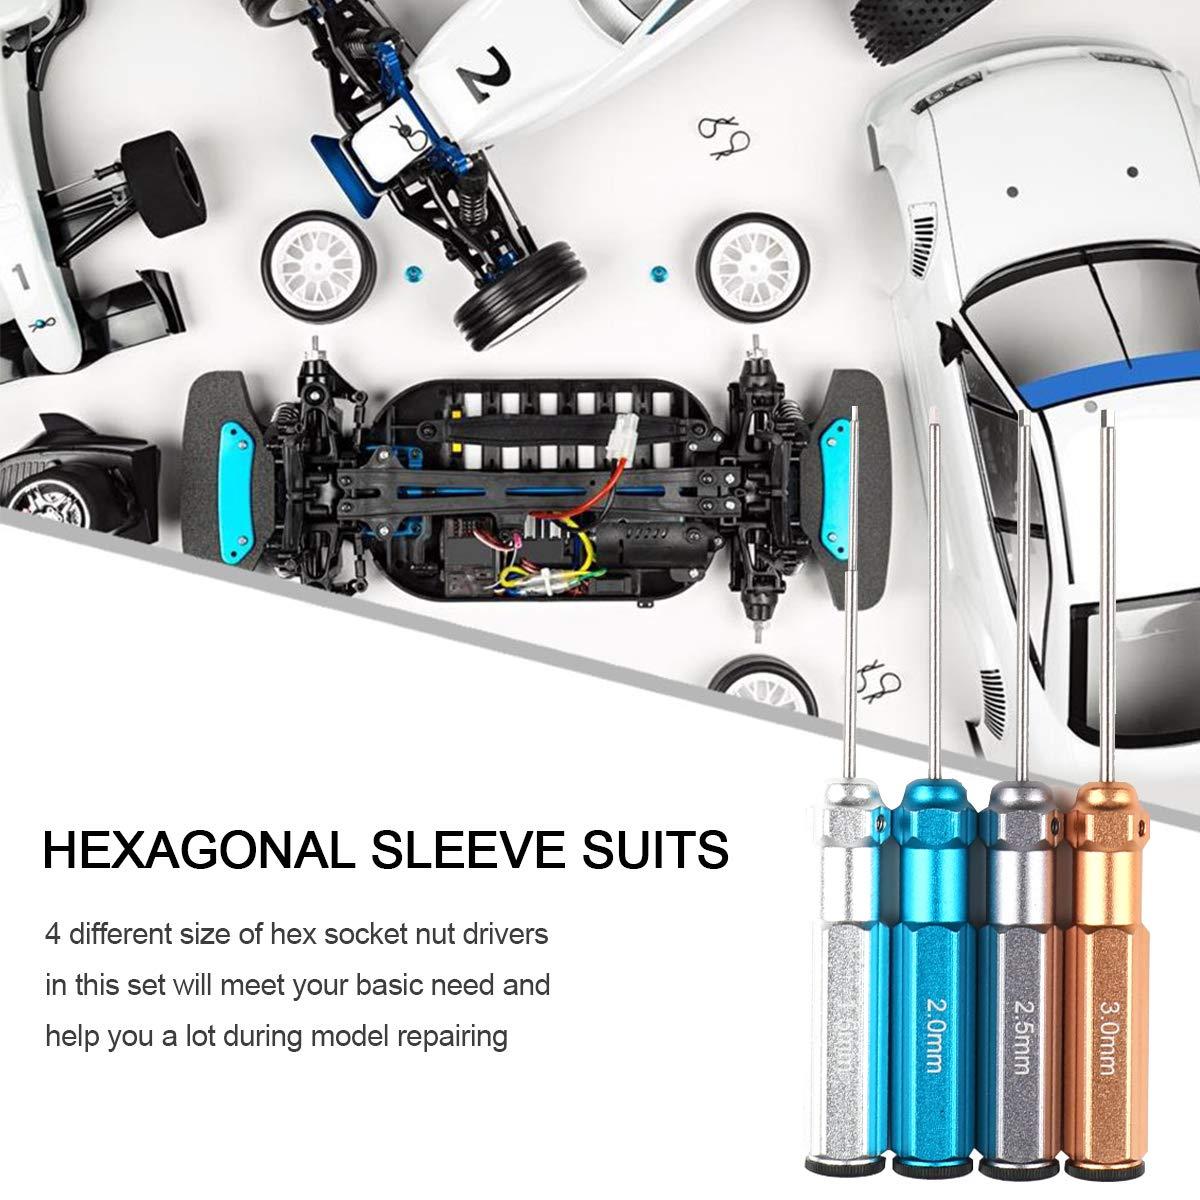 Cacciavite Esagonale 4 pezzi Robotica Cacciavite Esagonale Kit Attrezzi RC 1,5 mm, 2,0 mm, 2,5 mm, 3,0 mm Acciaio Rapido per Modelli RC Ingegneria di precisione Lavoro da banco